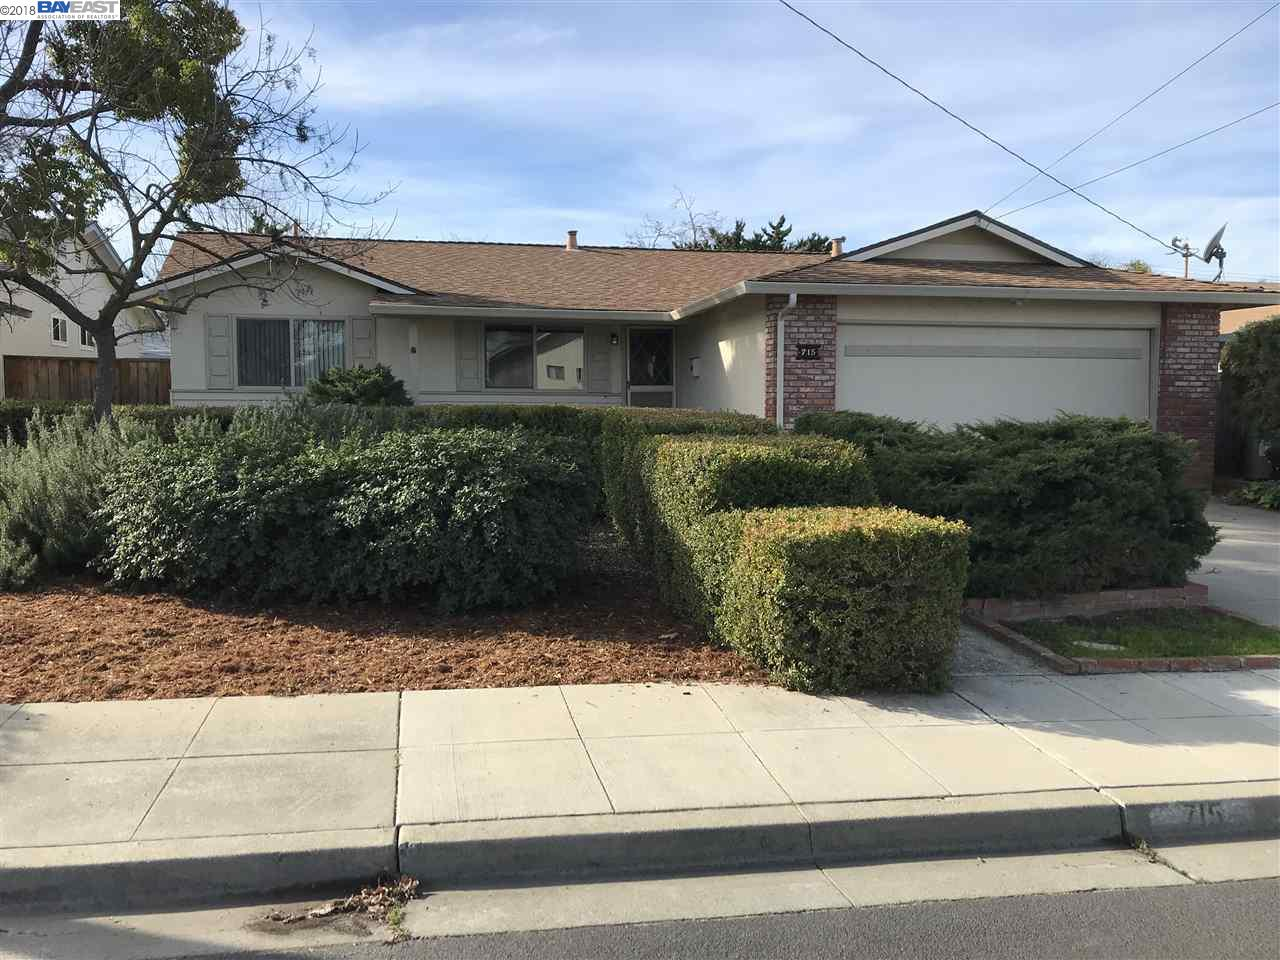 Maison unifamiliale pour l à louer à 715 Caliente Avenue 715 Caliente Avenue Livermore, Californie 94550 États-Unis